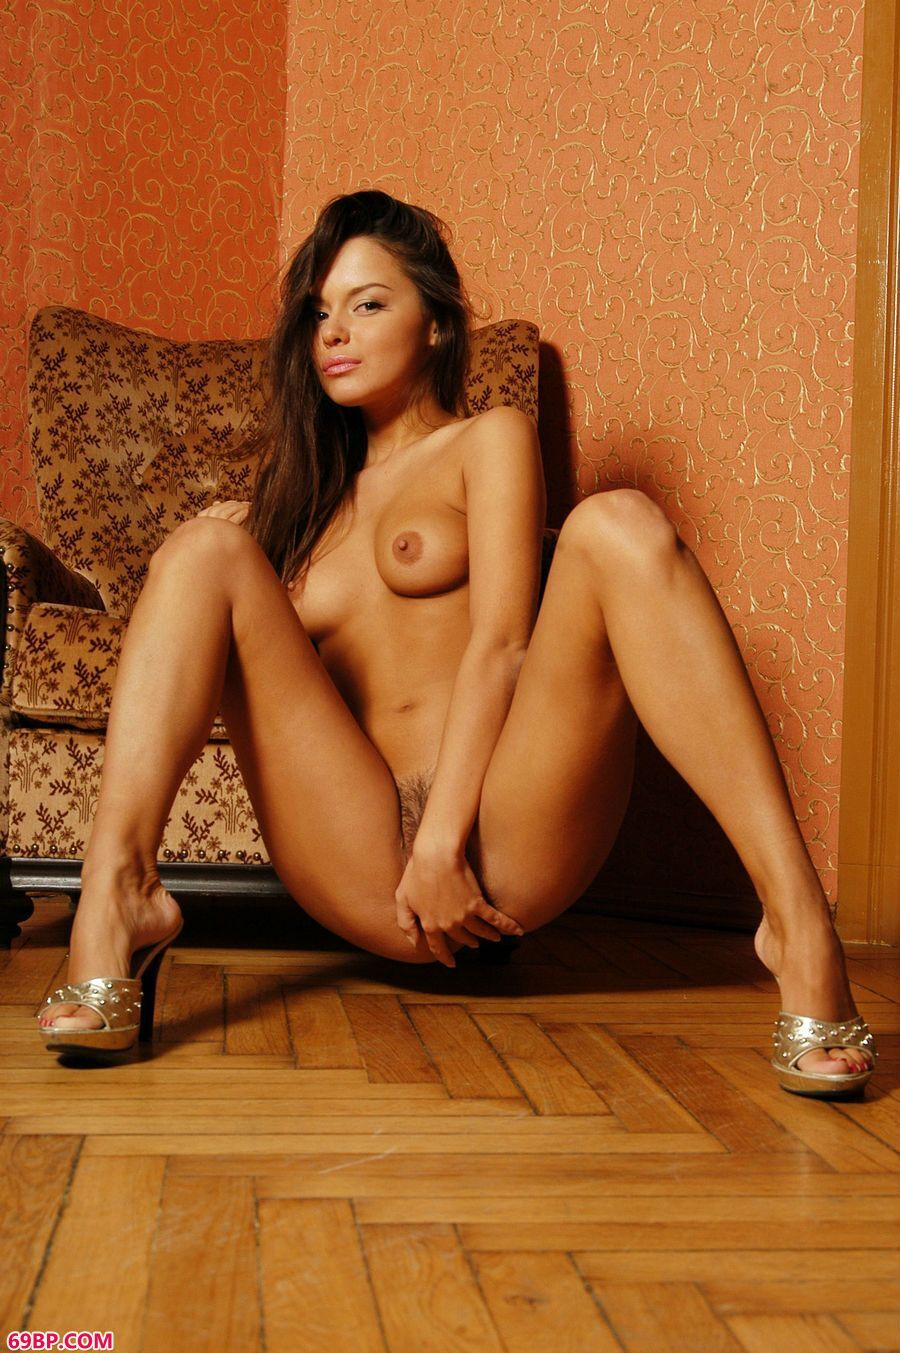 大尺度的俄罗斯嫩模室内室拍_最大胆的大肥女